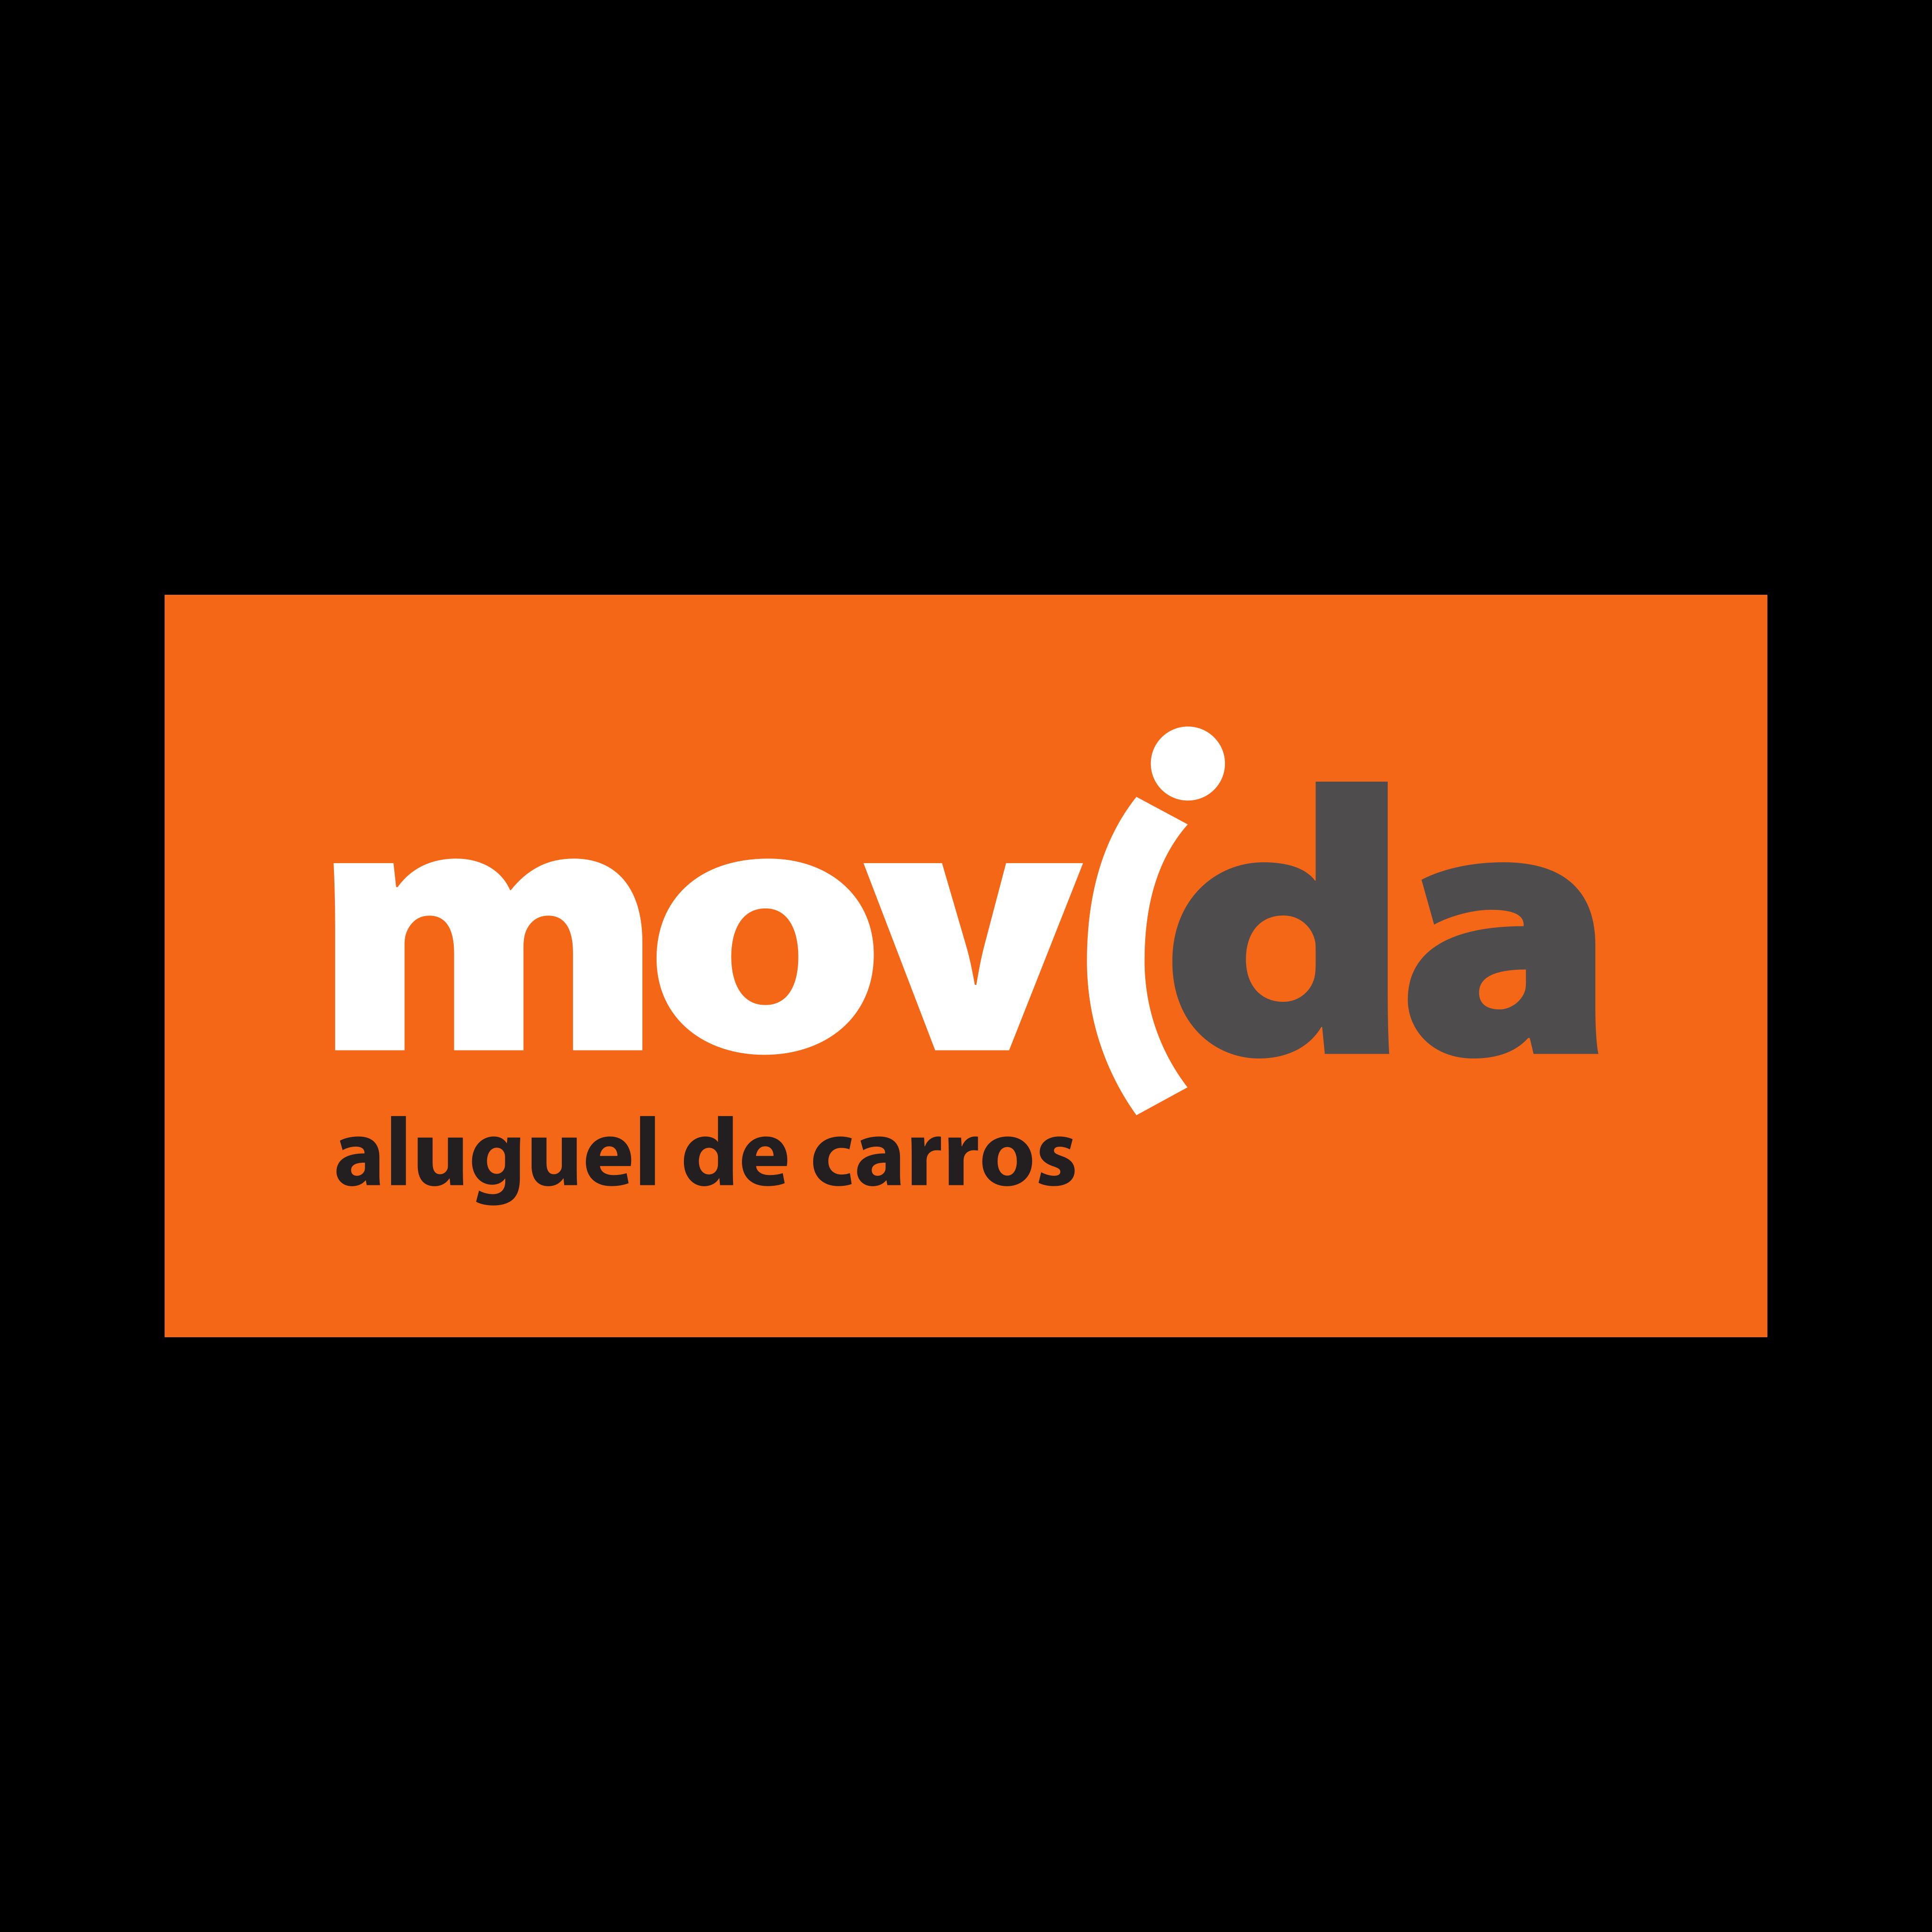 movida logo 0 - Movida Logo